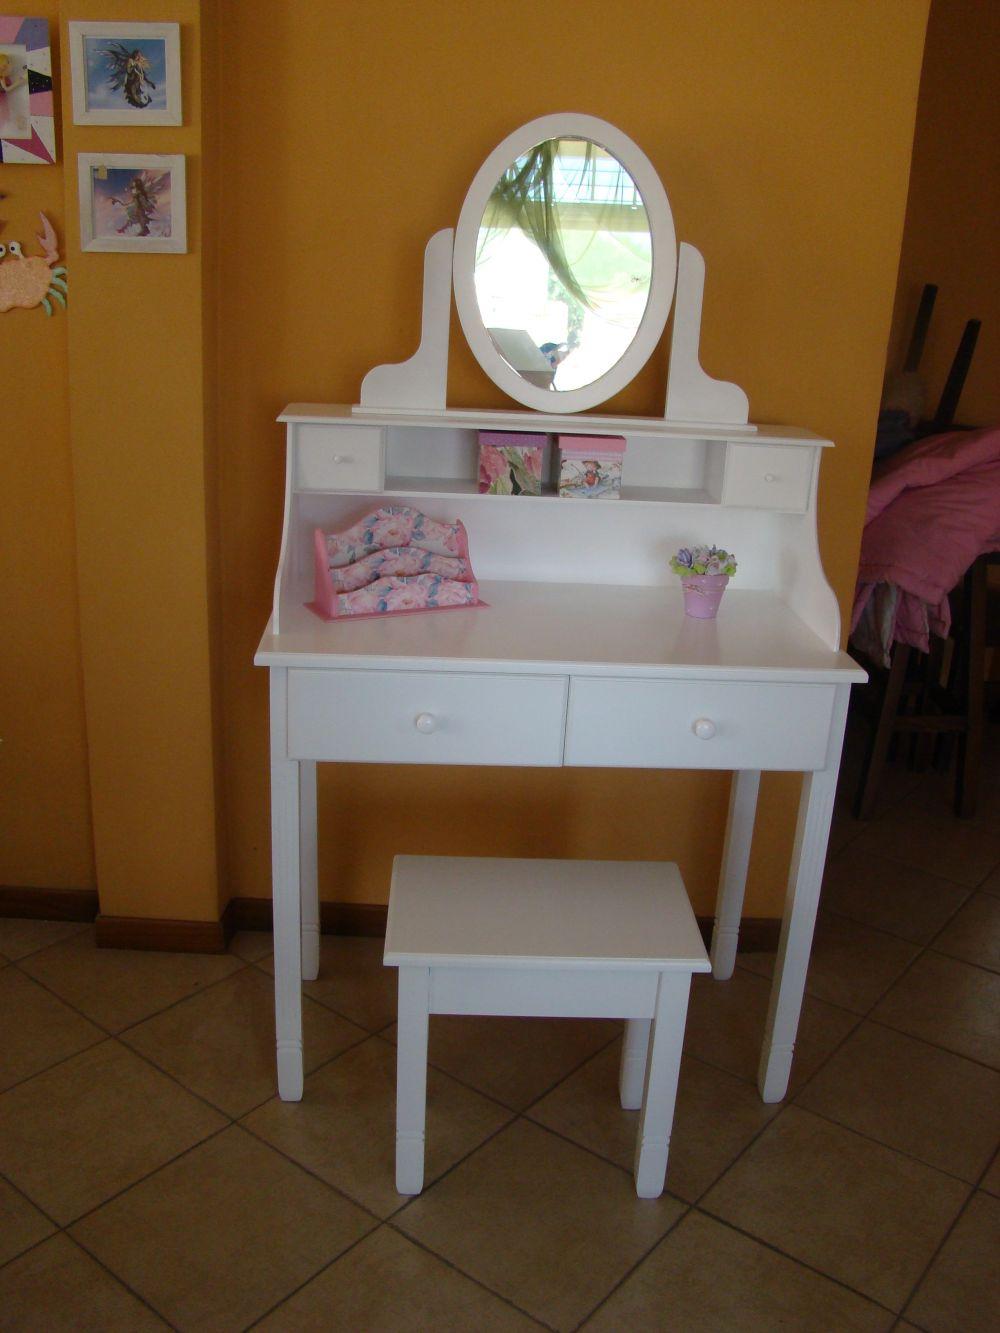 Muebles infantiles escritorio secreter con portaespejo for Muebles infantiles precios